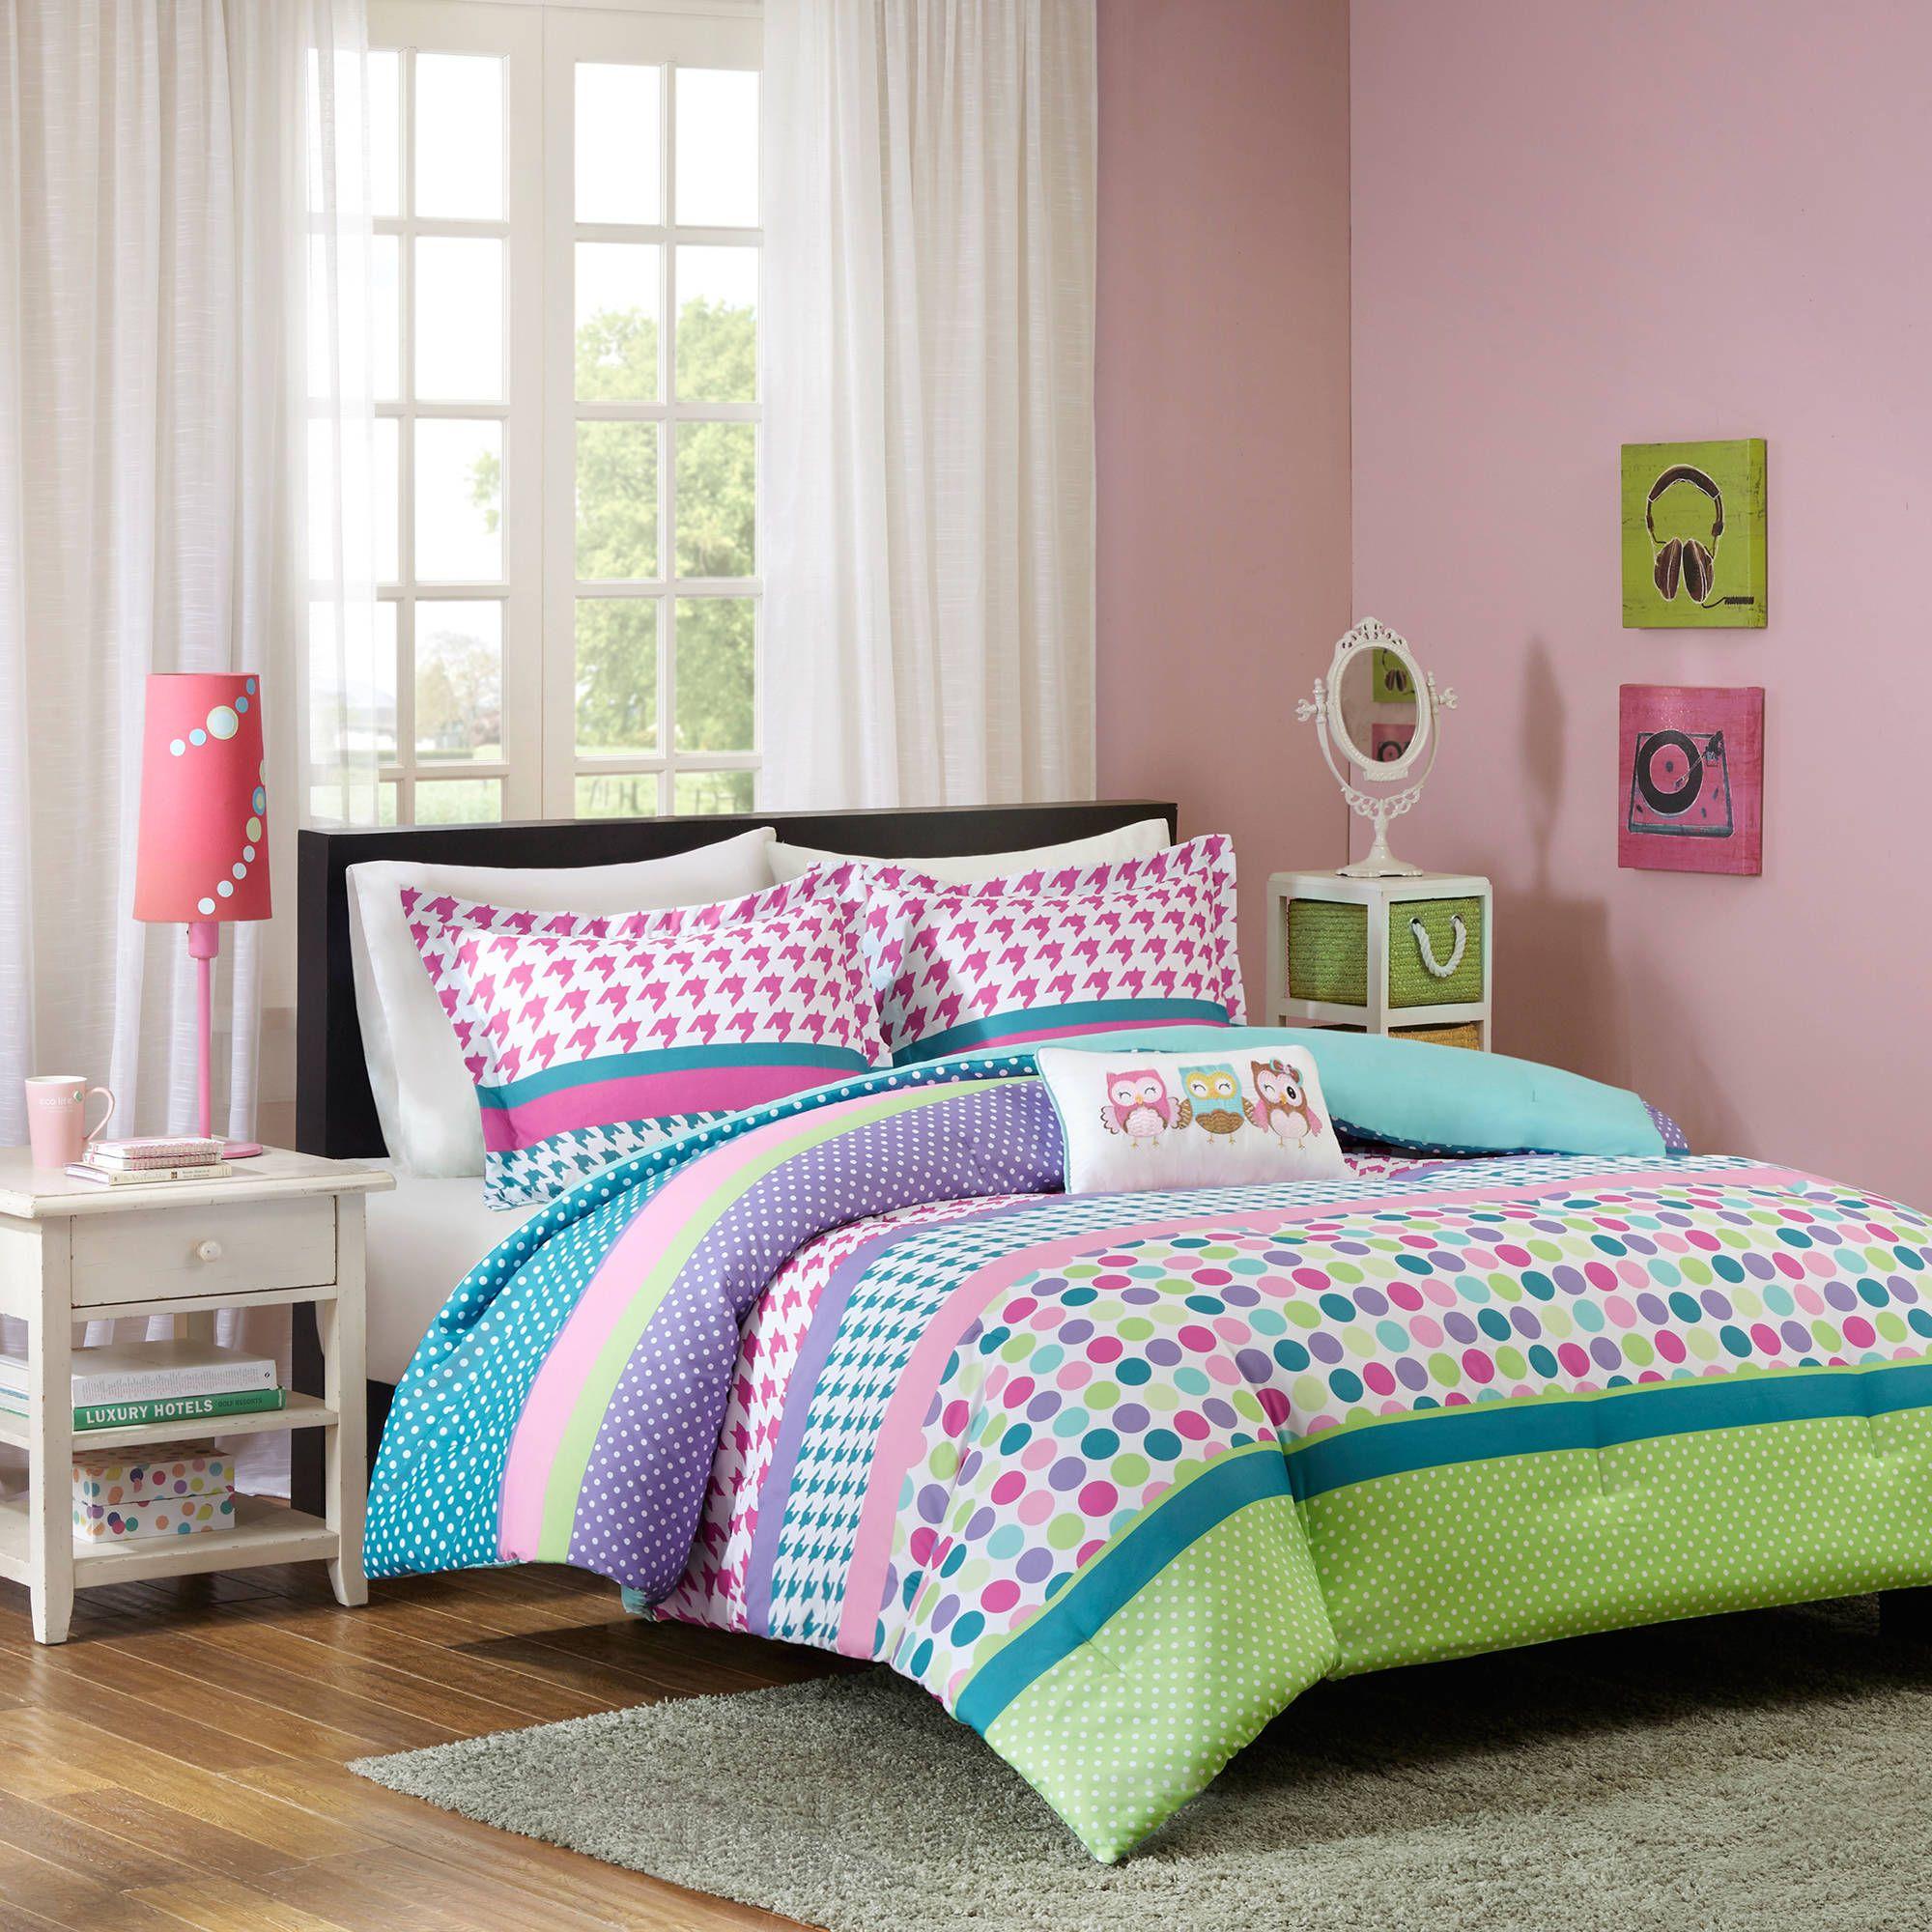 Full Size of Bettwäsche Teenager Koordinierung Junge Mdchen Bettwsche Coole Betten Sprüche Für Wohnzimmer Bettwäsche Teenager